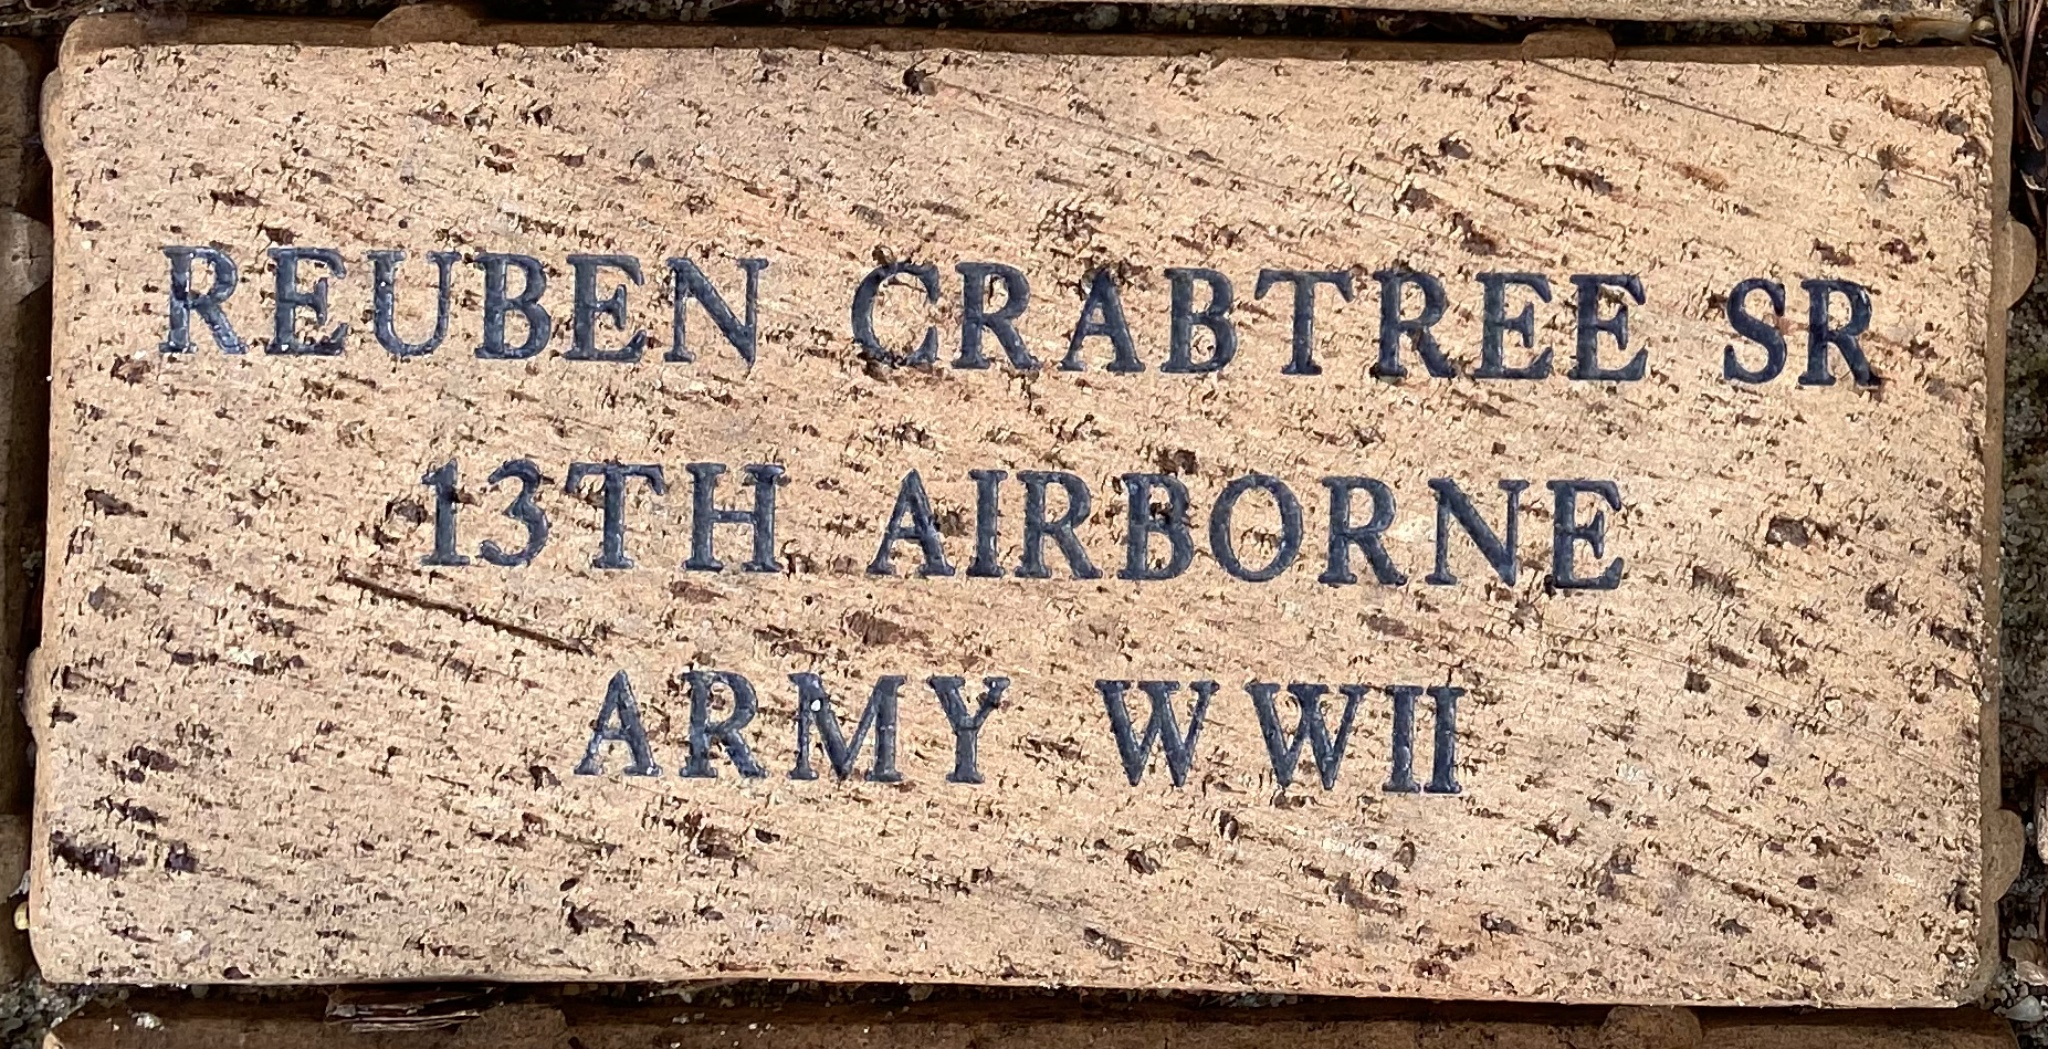 REUBEN CRABTREE SR 13TH AIRBORNE ARMY WWII